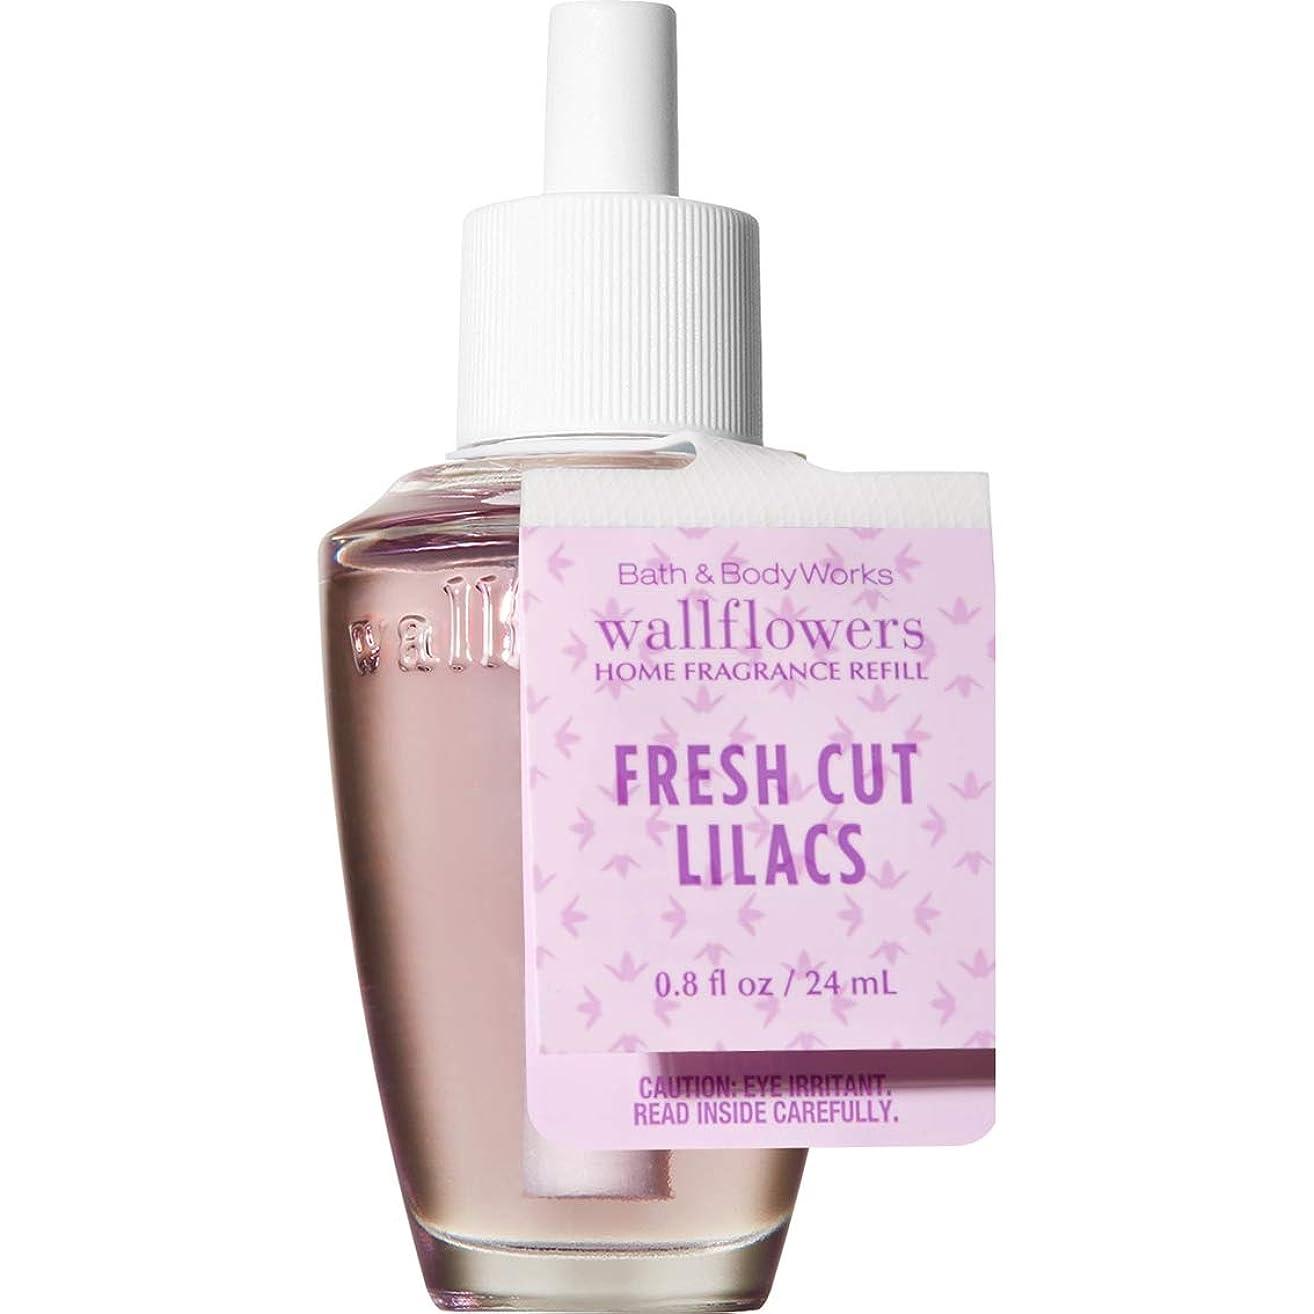 悲観主義者旋律的メタン【Bath&Body Works/バス&ボディワークス】 ルームフレグランス 詰替えリフィル フレッシュカットライラック Wallflowers Home Fragrance Refill Fresh Cut Lilacs [並行輸入品]